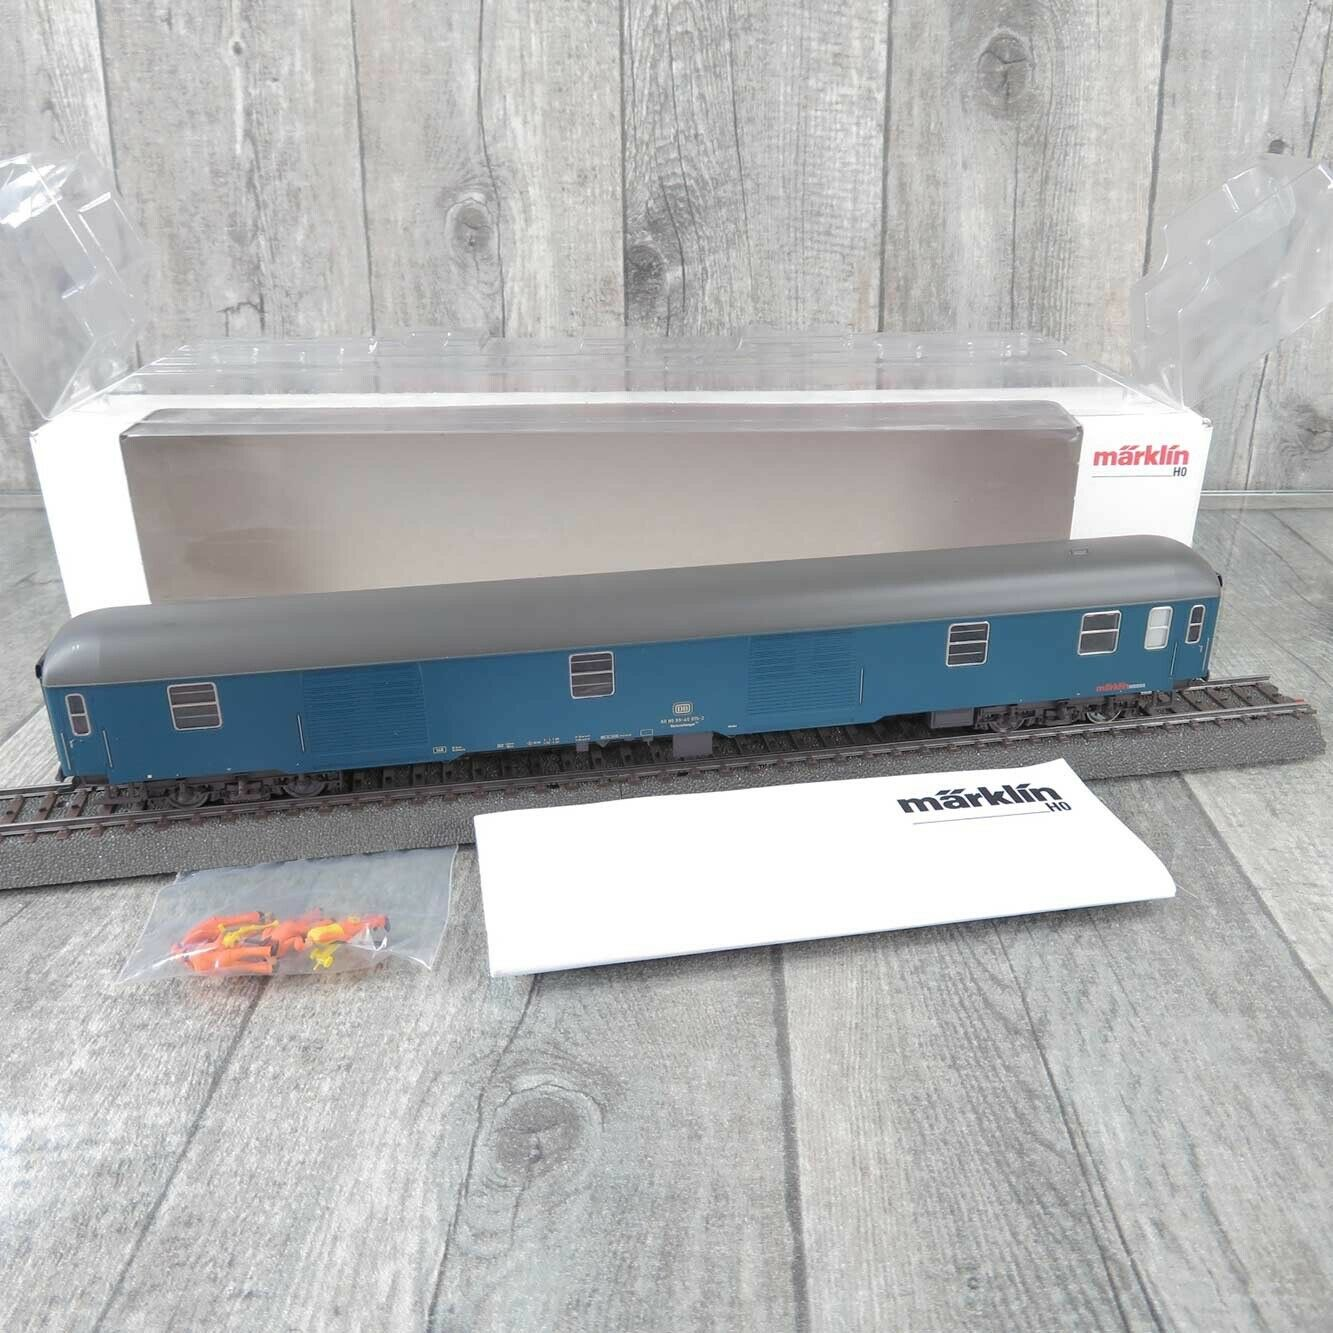 MÄRKLIN 49965 - H0 - DB - Bahndienstwagen - Digital mfx + Sound - OVP -  D23594